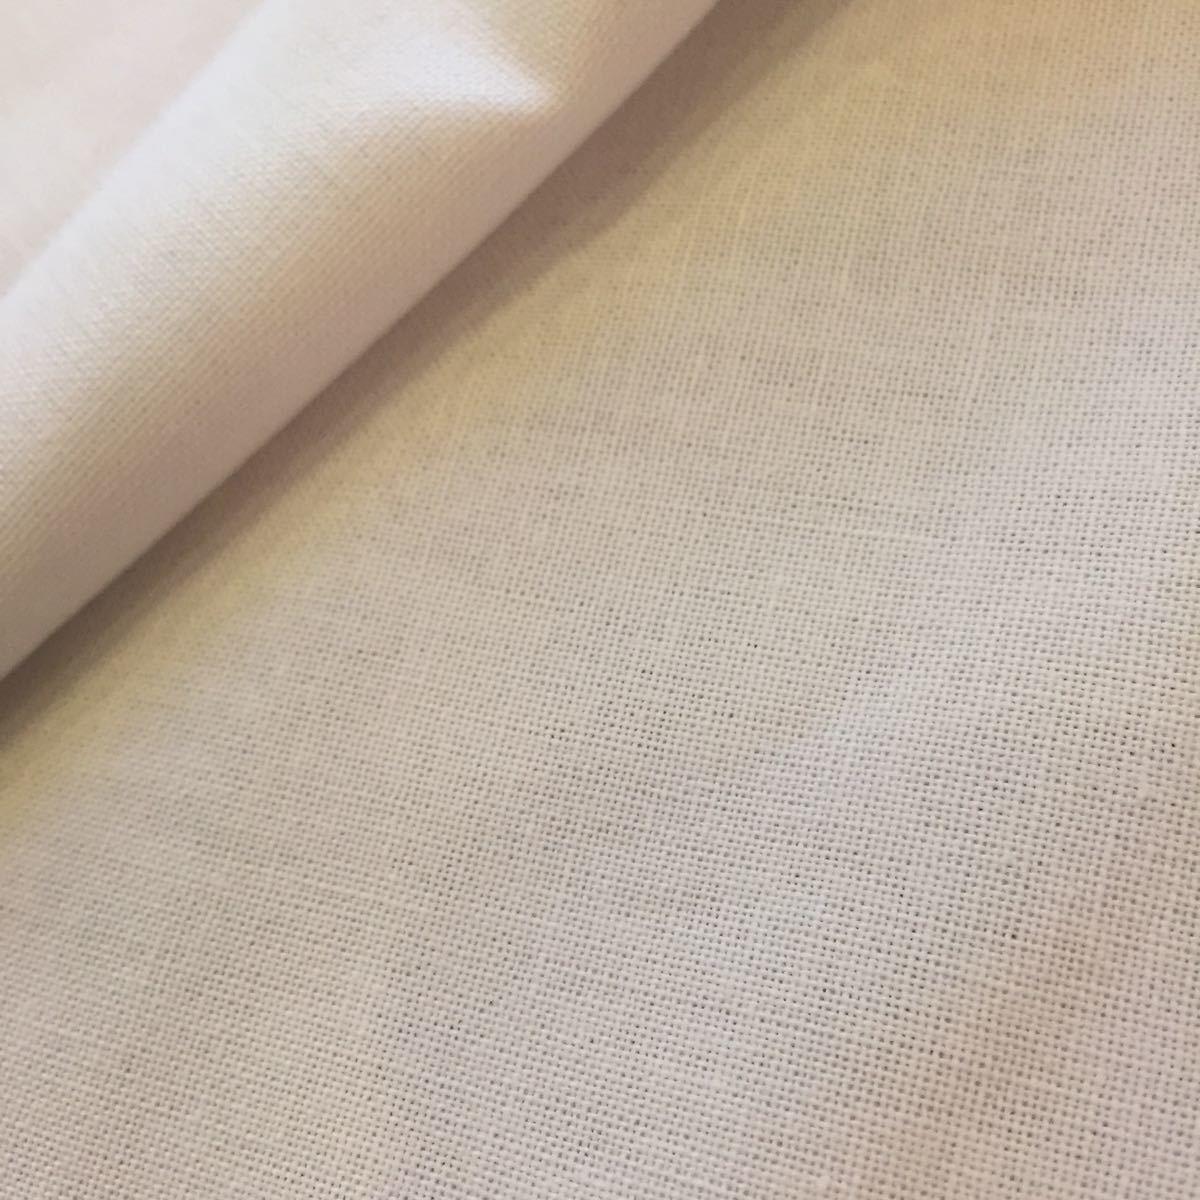 シーチング生地 約90センチ幅×約1メートル日本製 綿100 白